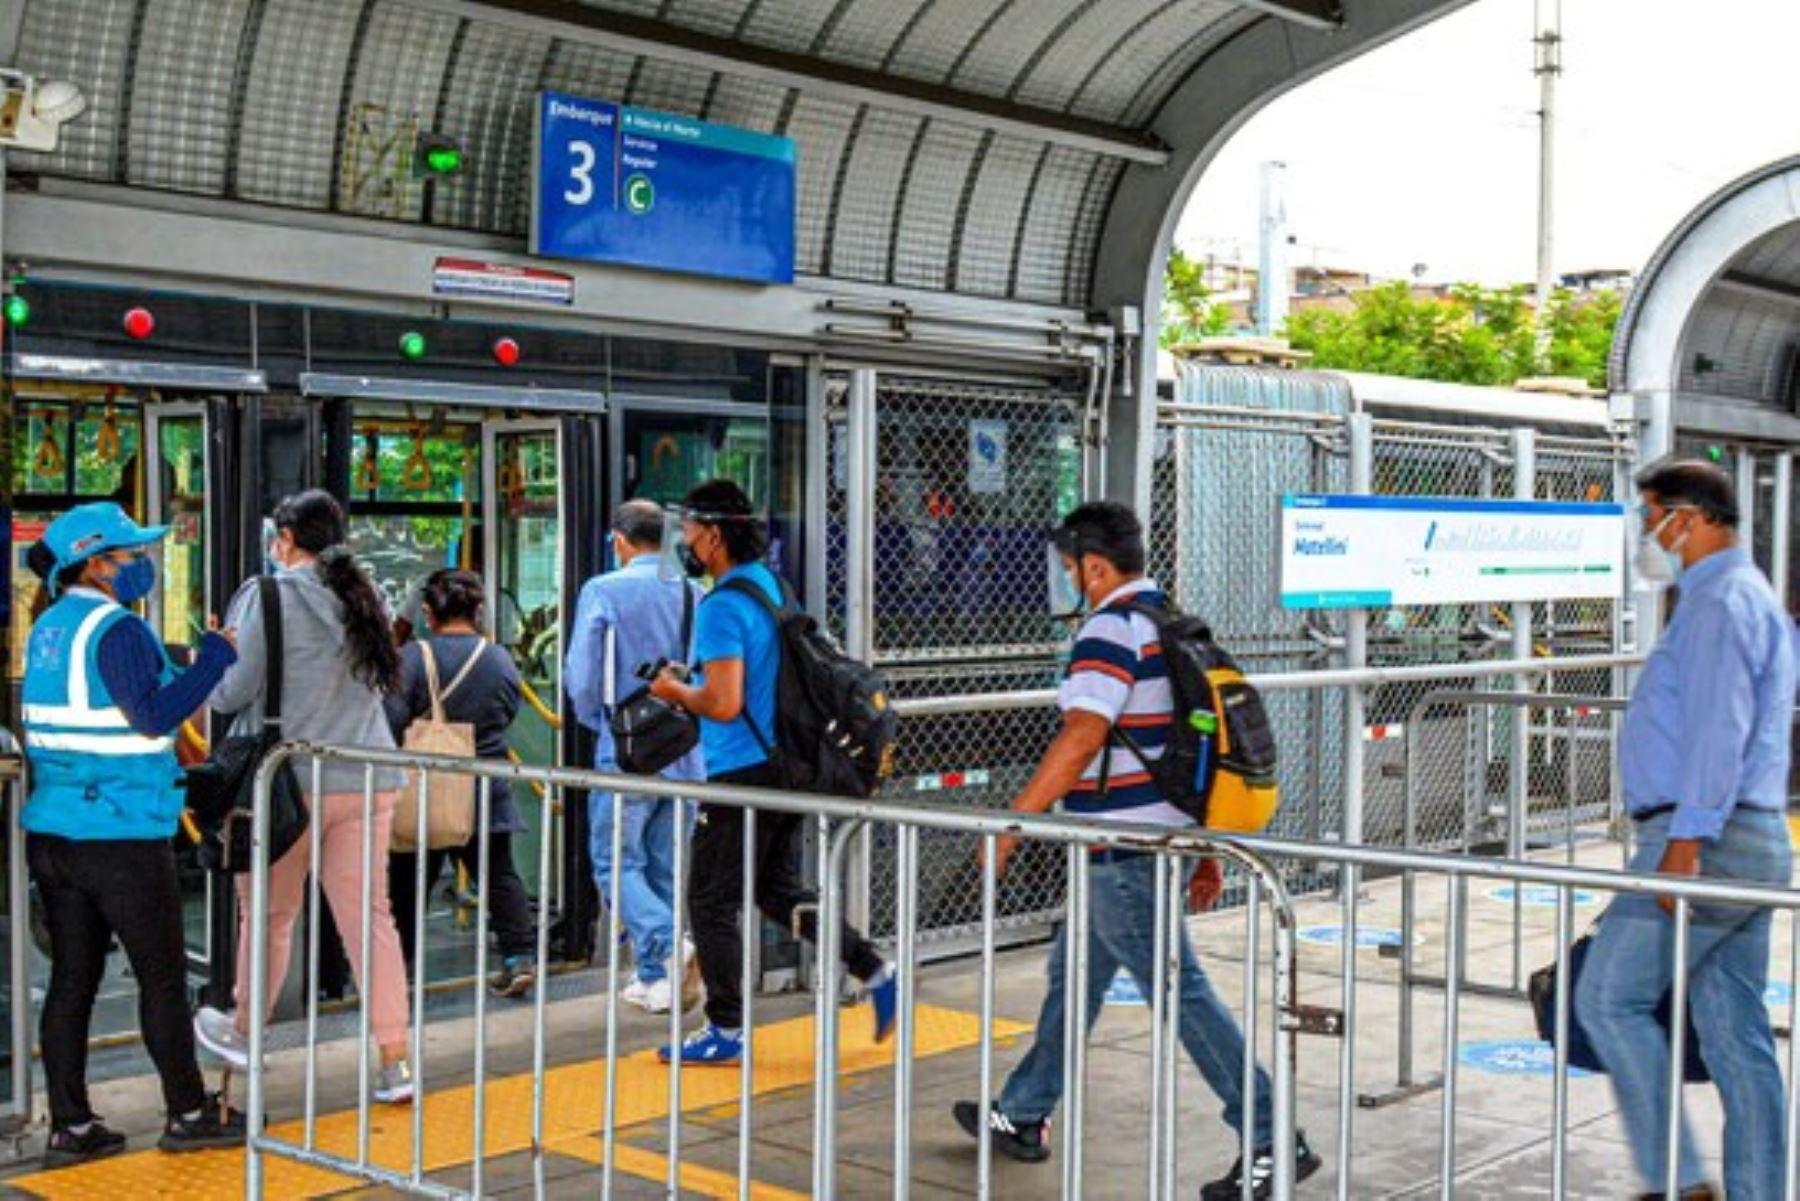 Segunda vuelta: conoce los horarios que tendrá el transporte público este domingo. Foto: ANDINA/Difusión.